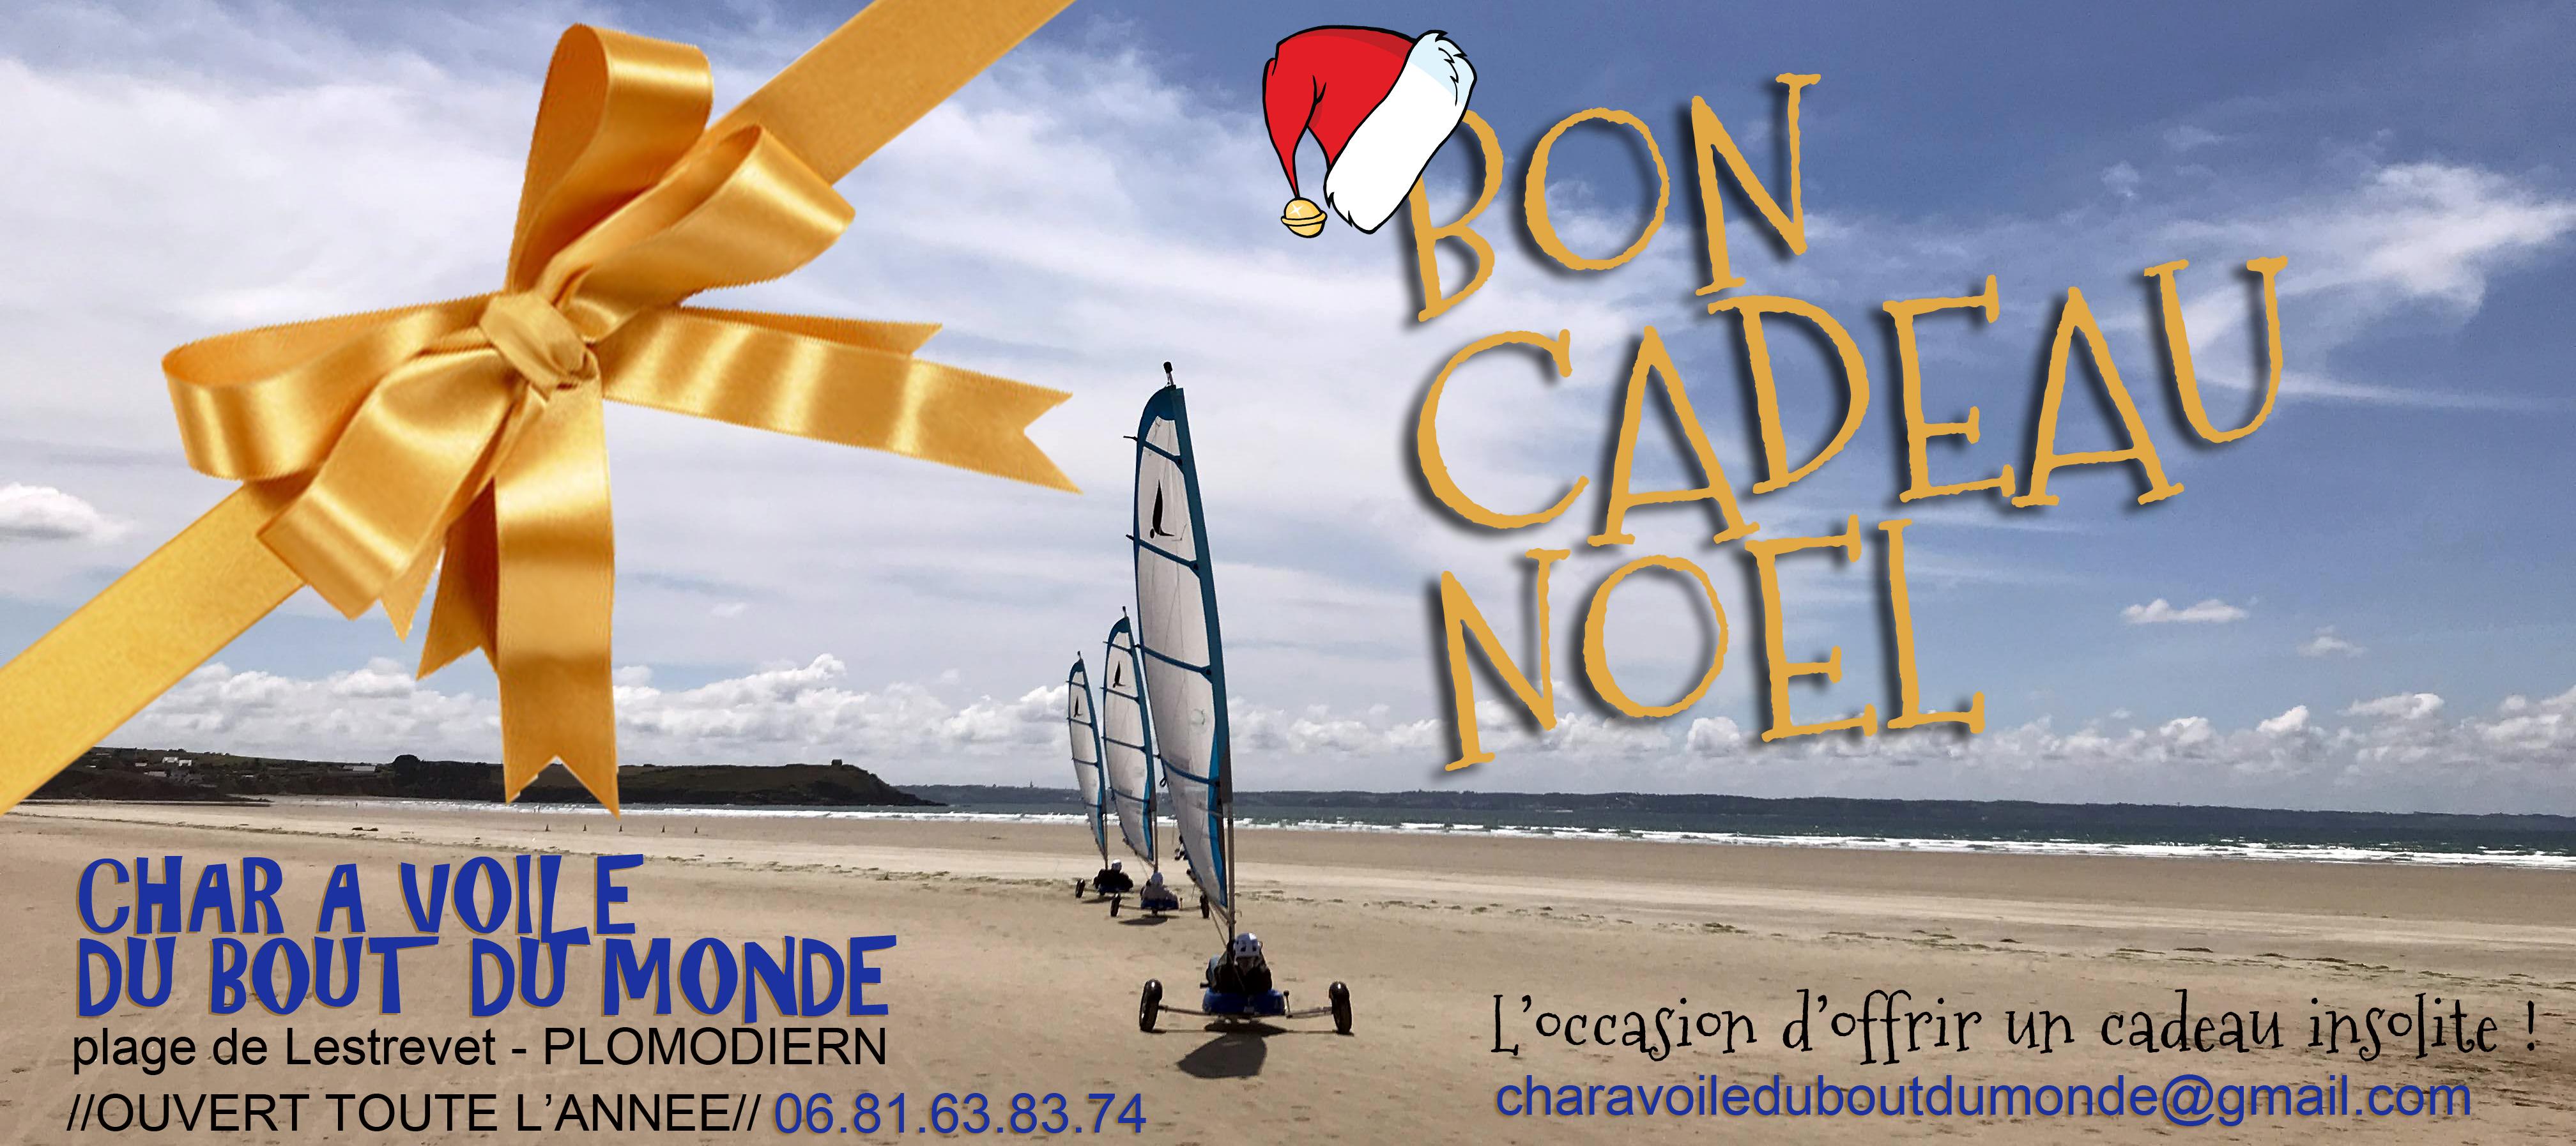 Bon Cadeau De Noel Char A Voile Du Bout Du Monde